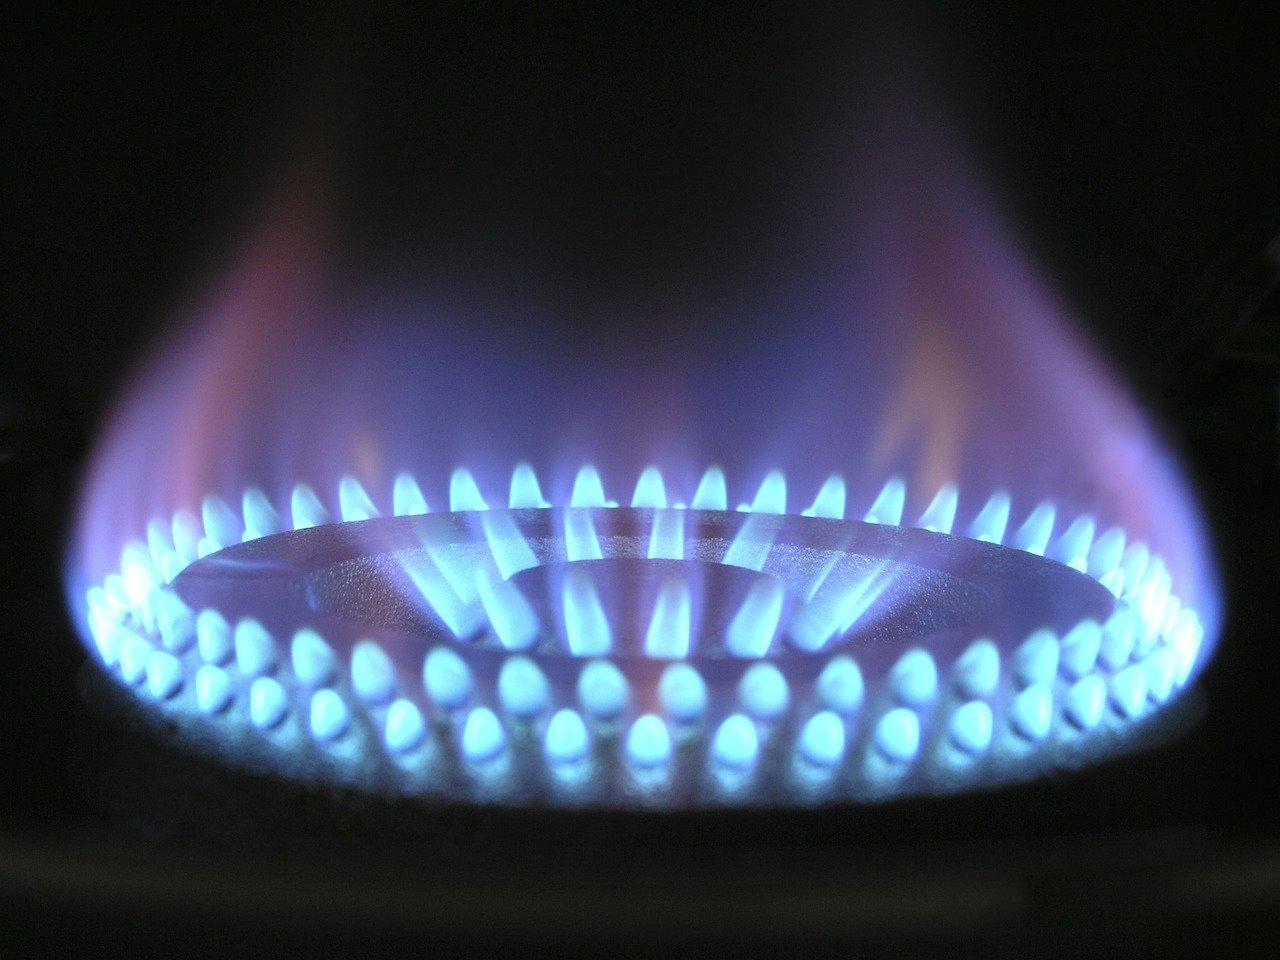 Flambée du prix du gaz : des mesures de soutien supplémentaires pour les ménages modestes